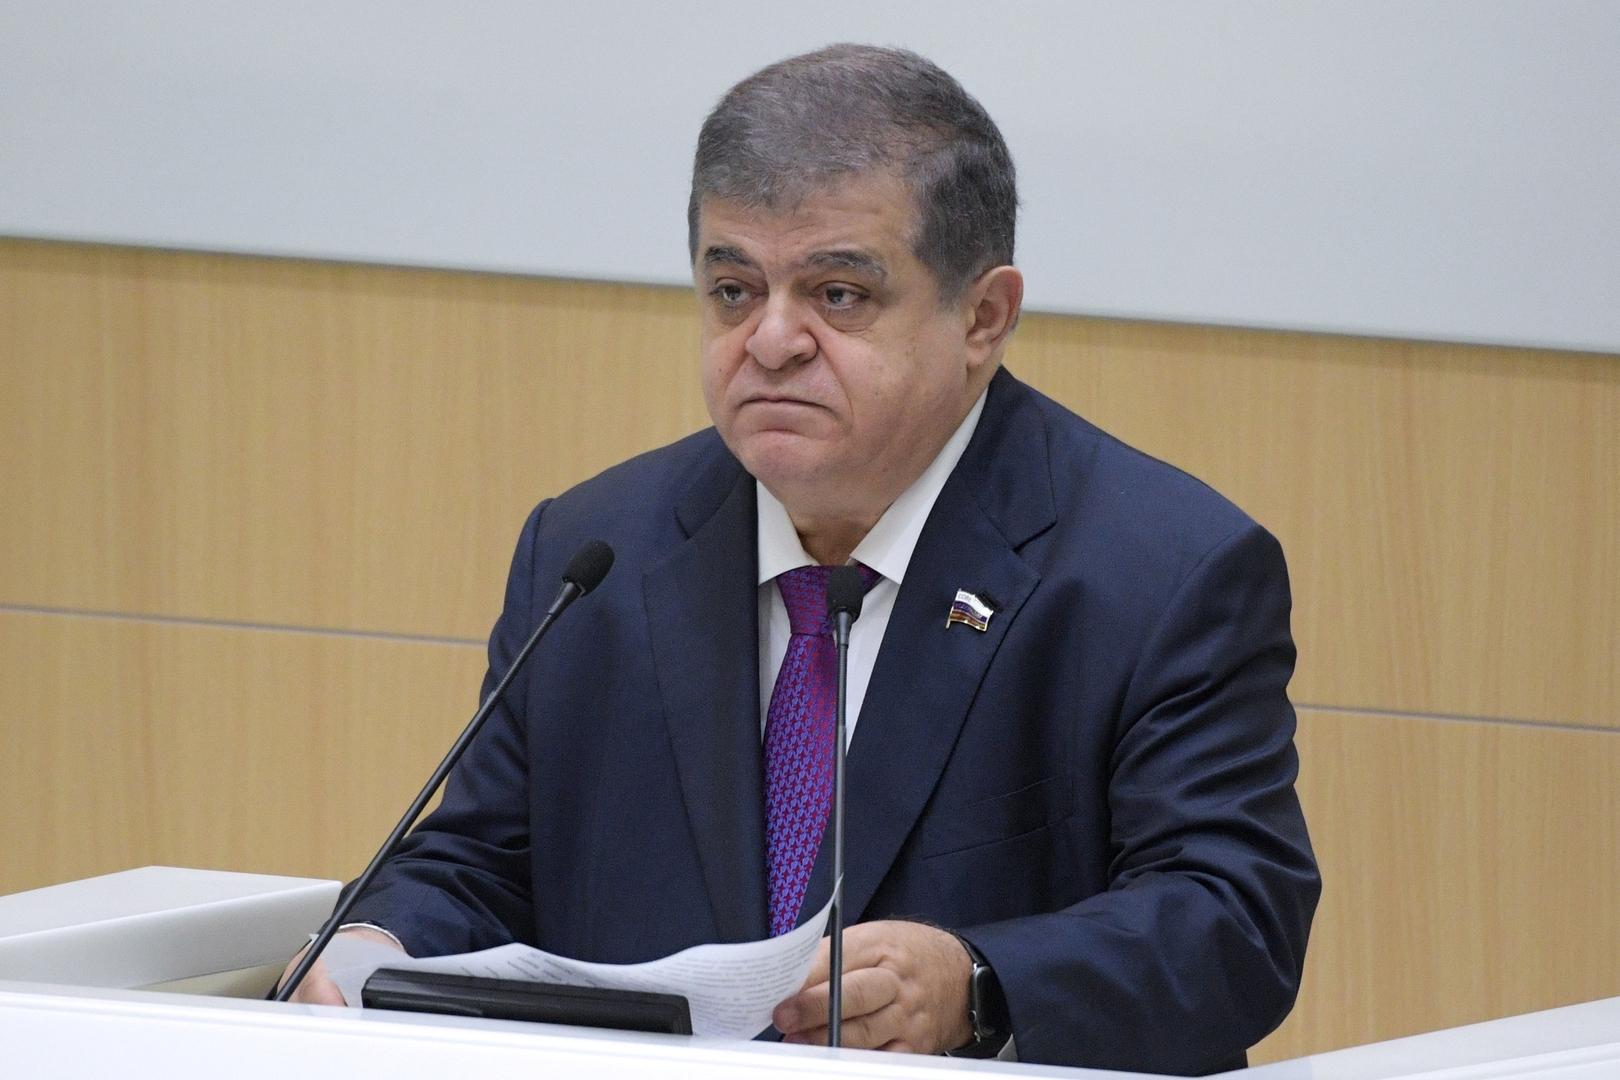 سيناتور روسي: تدخل الجيش المصري في ليبيا يمكن أن يساعد على استعادة الدولة هناك